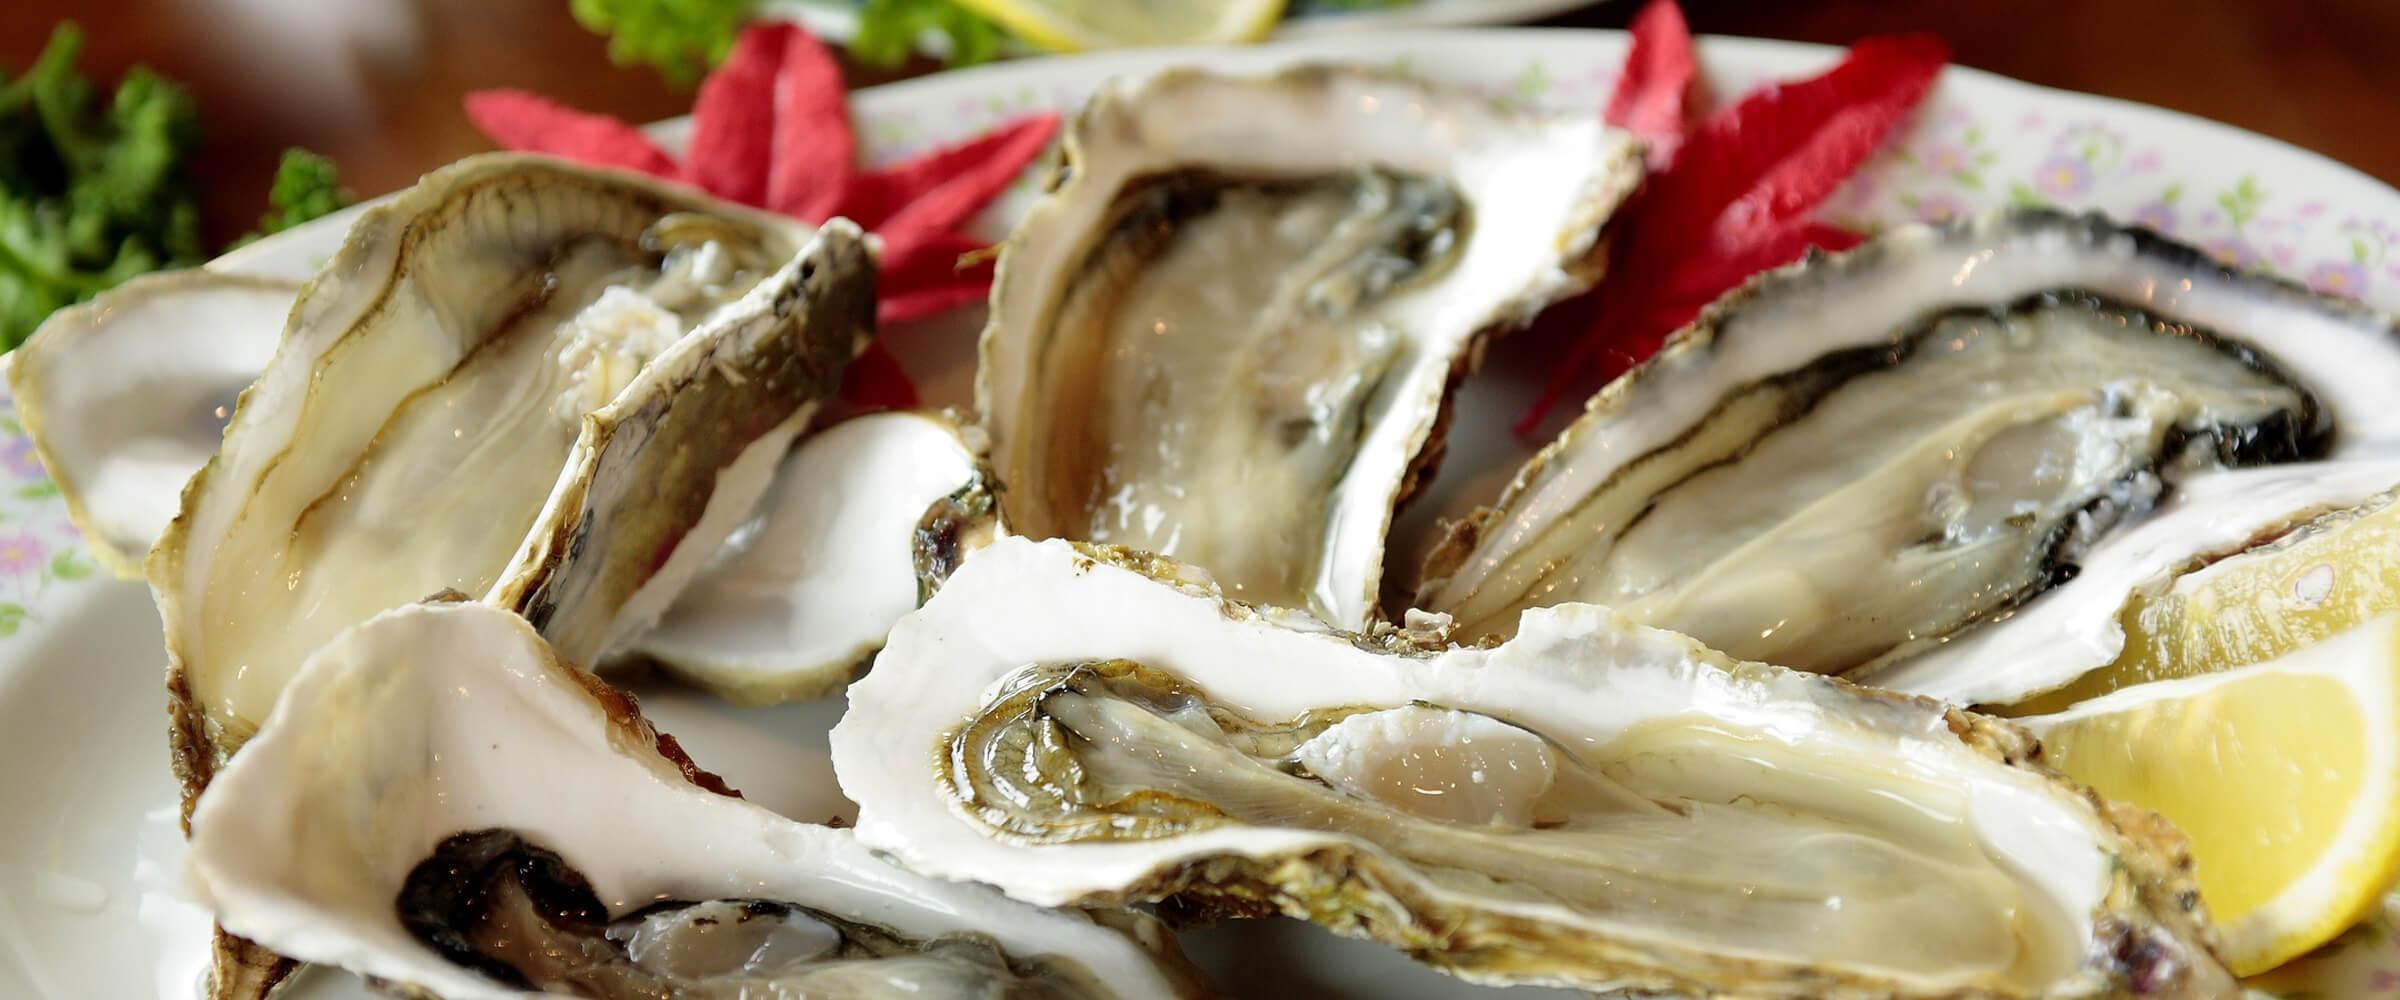 Toxinar marinas integridad alimentaria